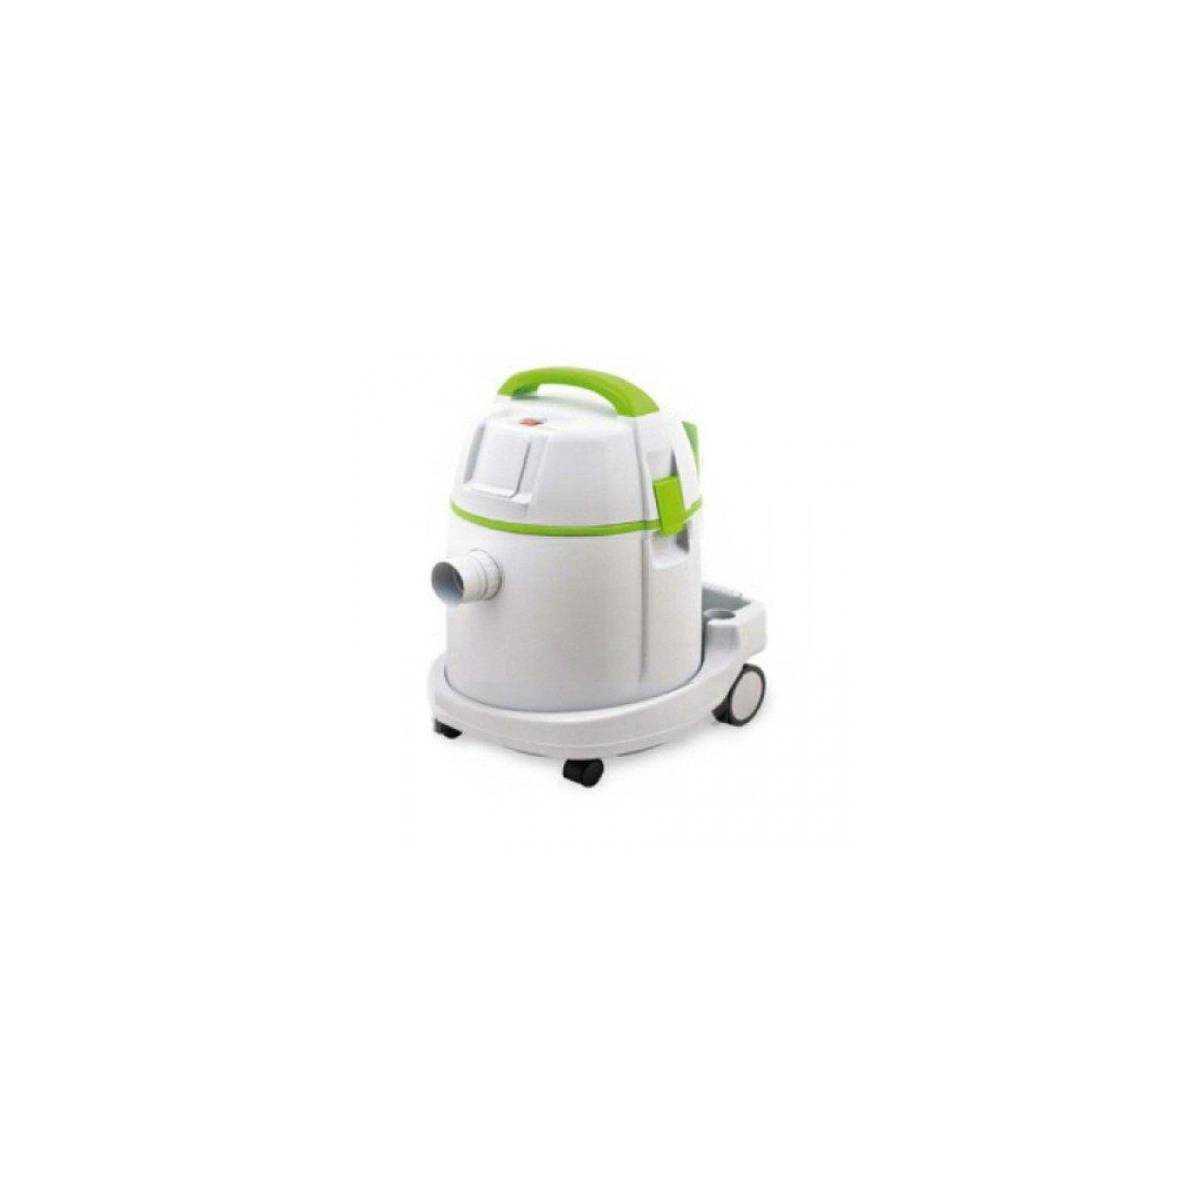 Пылесос для сухой и влажной уборки Soteco W315 W315 Soteco